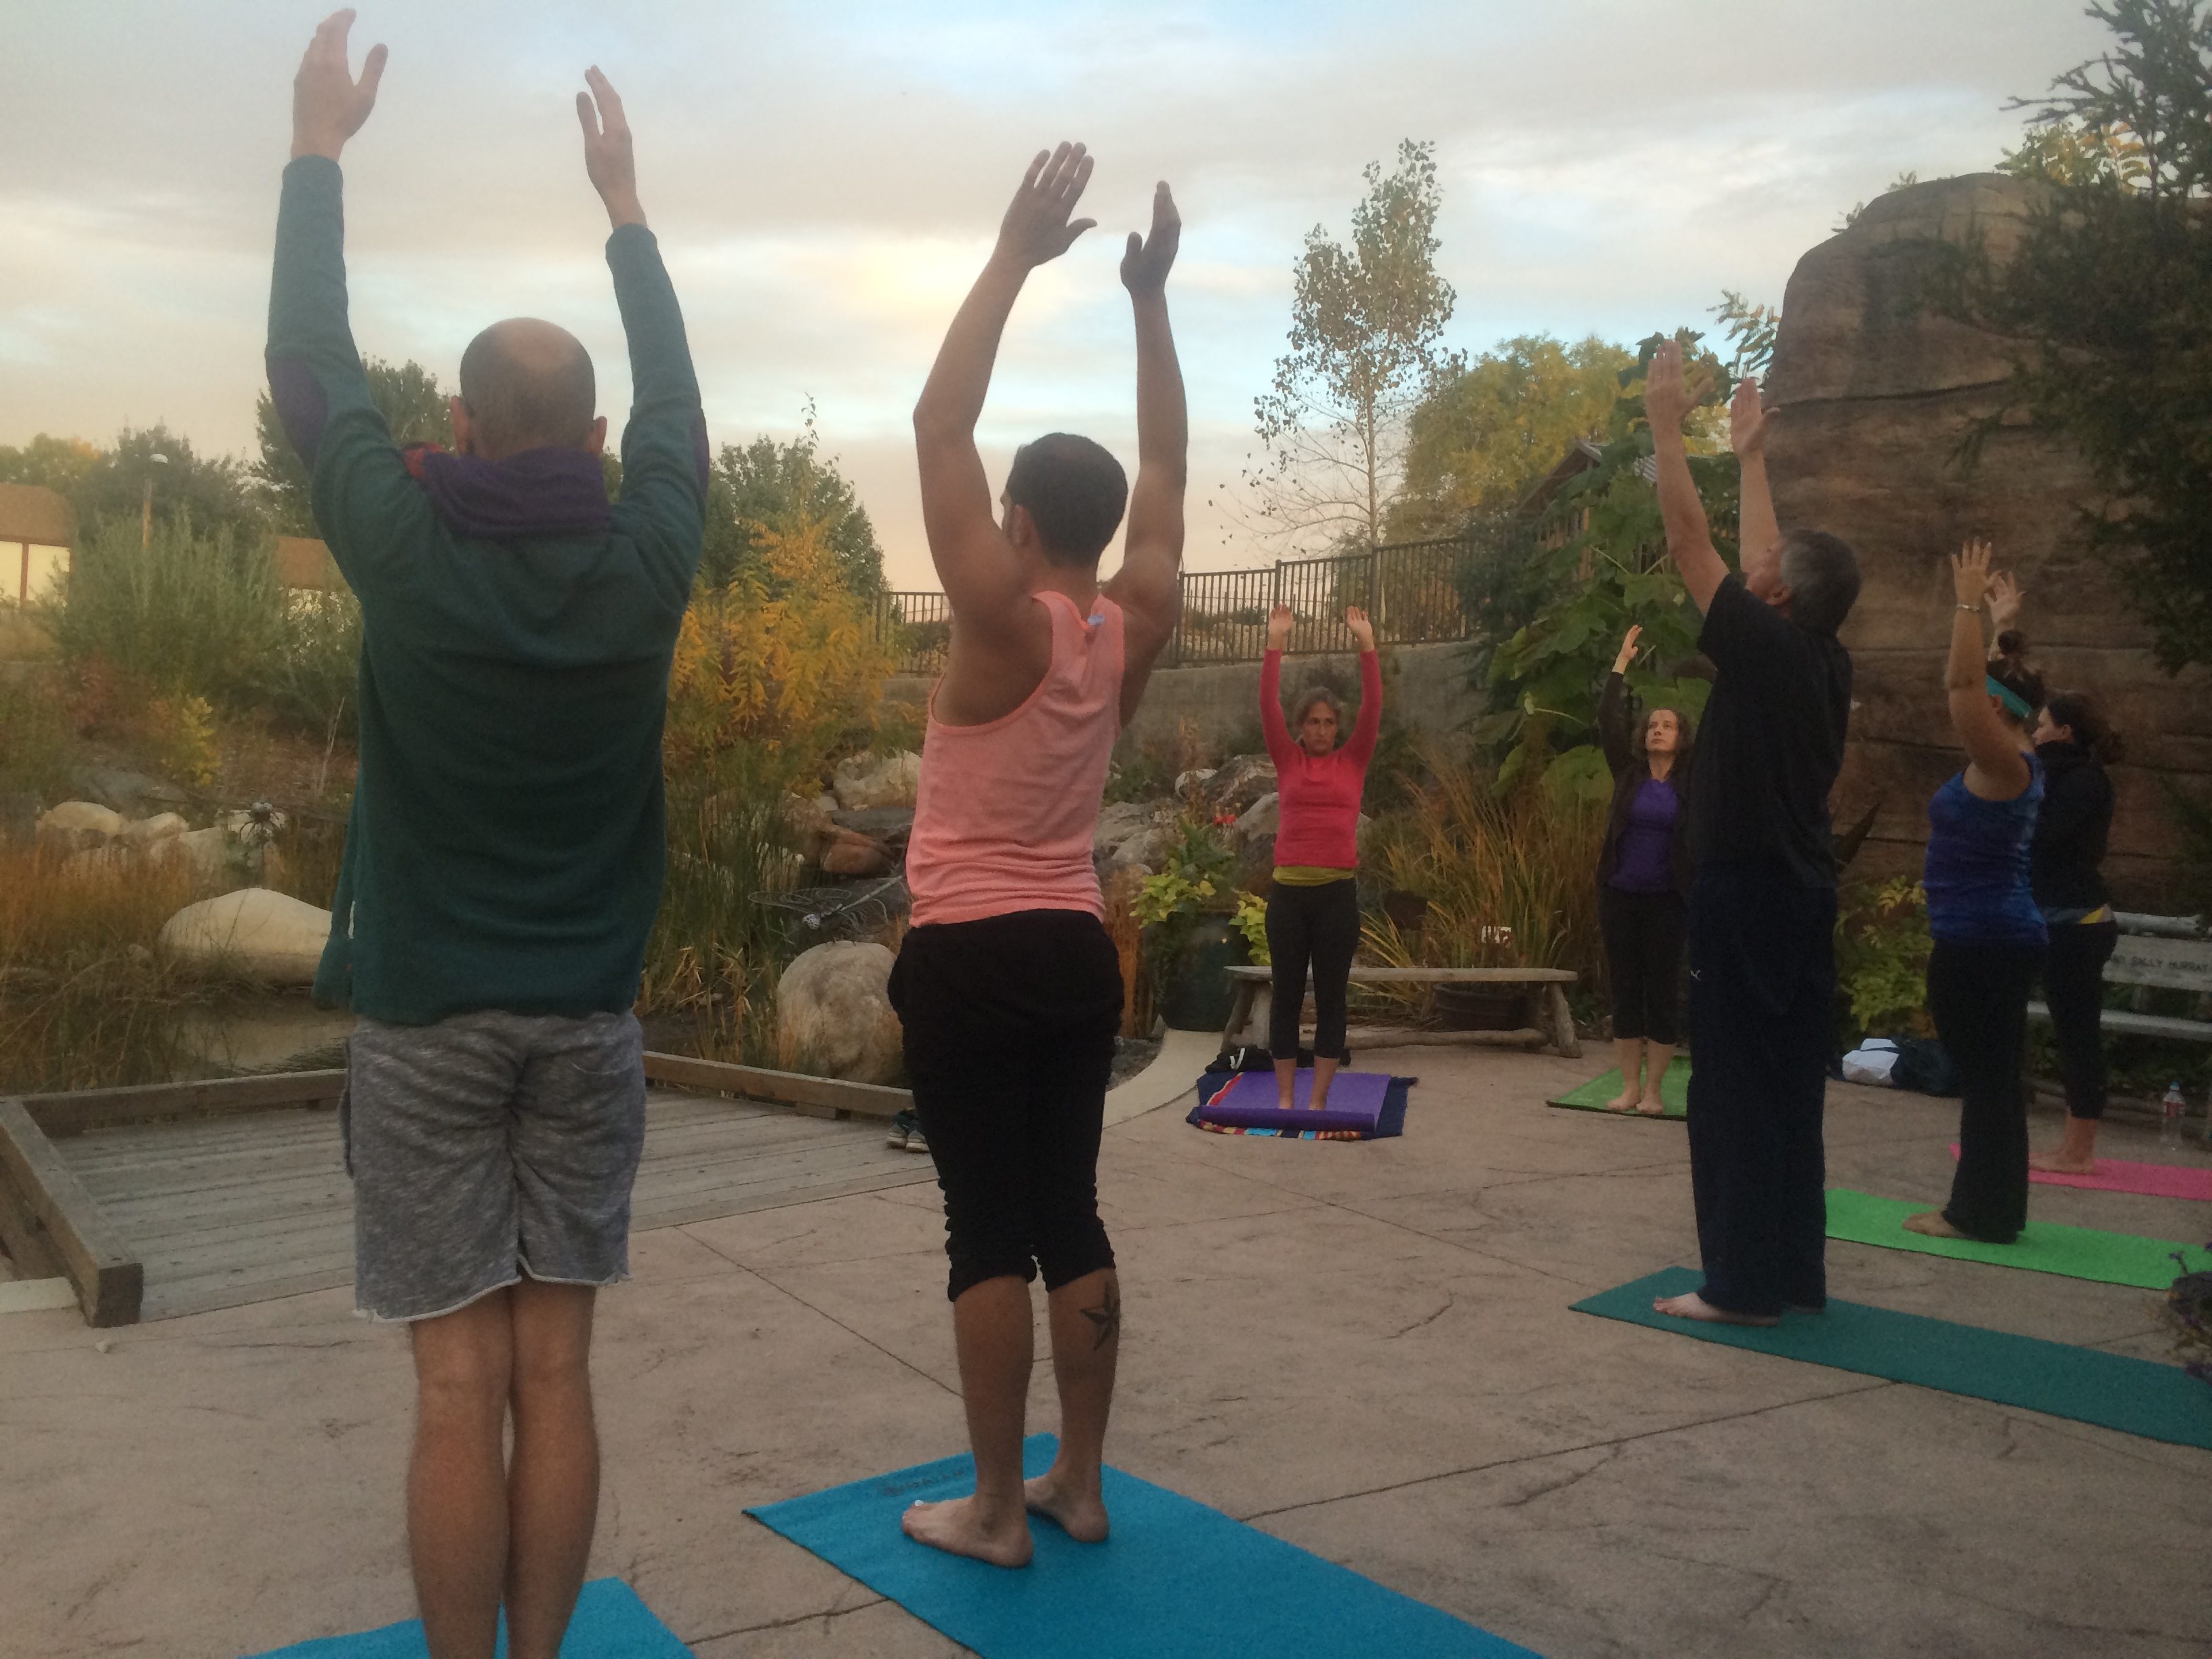 Evening Vinyasa Yoga at Denver Botanic Gardens | CatchCarri.com